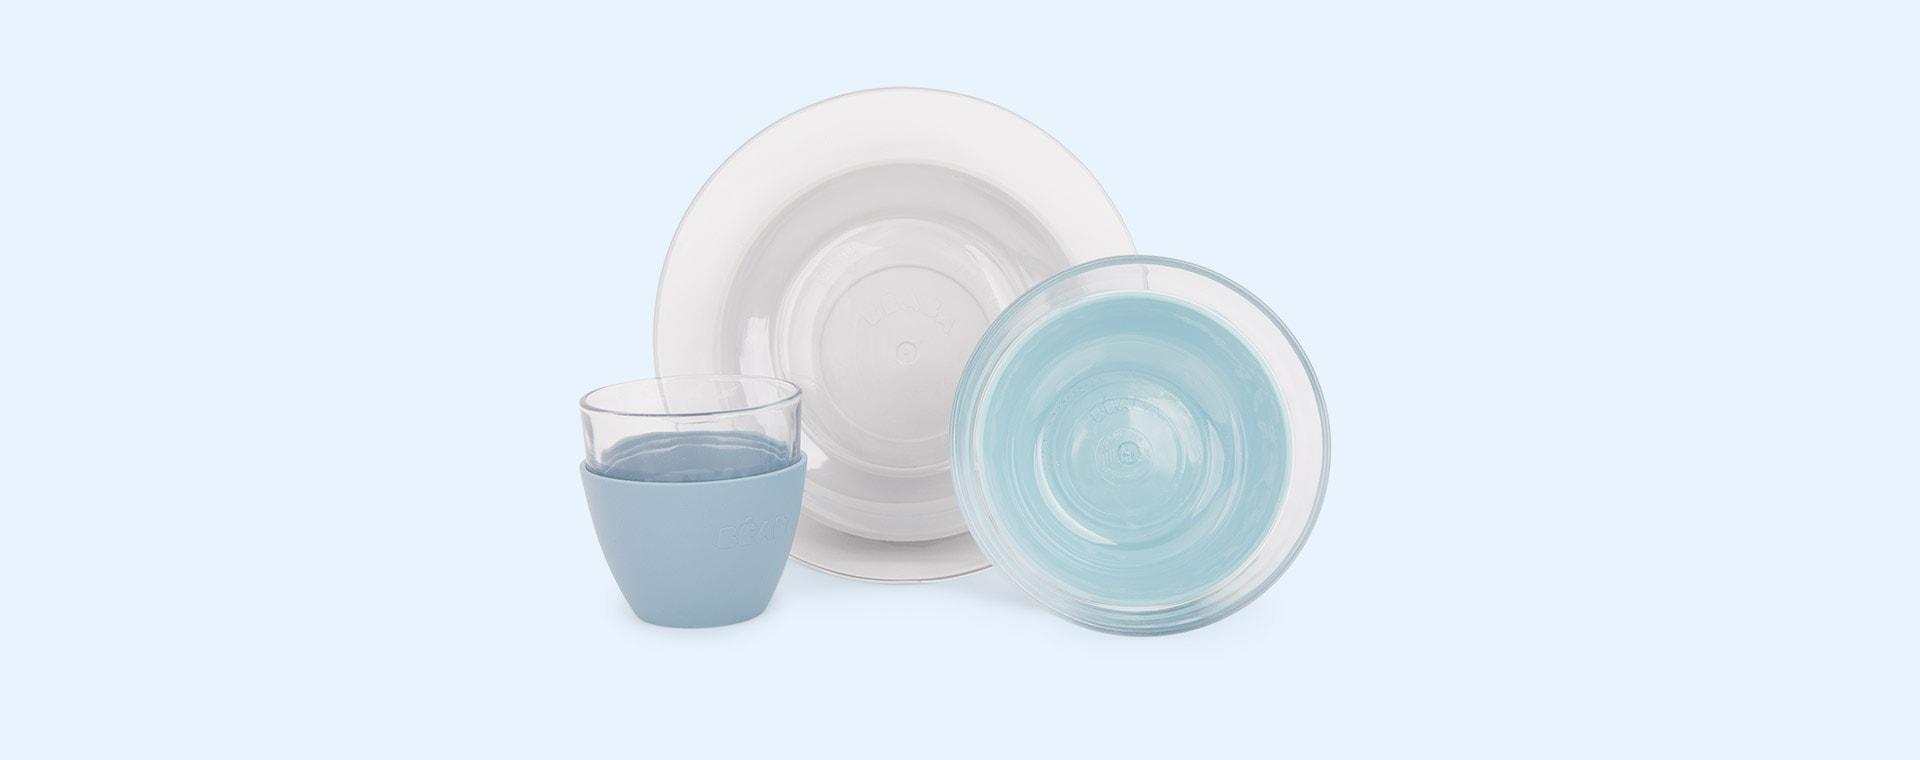 Jungle Beaba Glass Meal Set